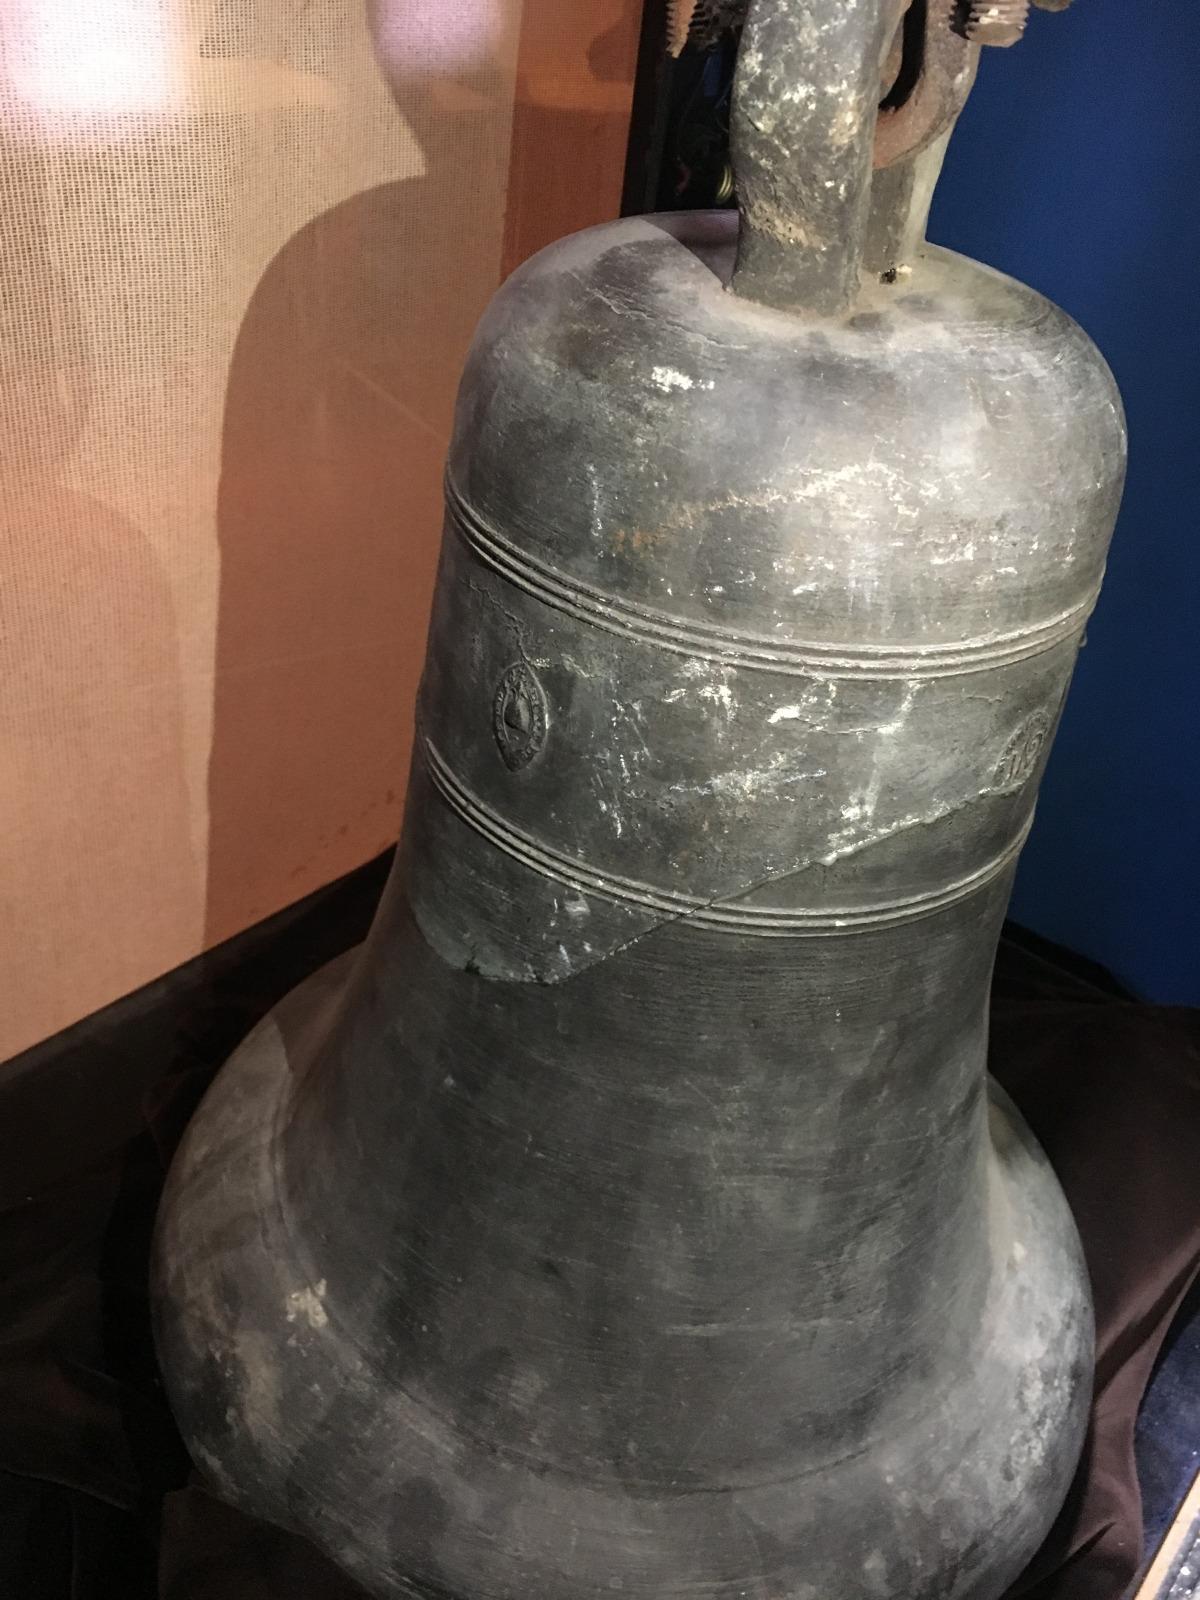 La campana, caiguda sobre el sòcol, es va esquerdar i avui es conserva al Museu Postal.